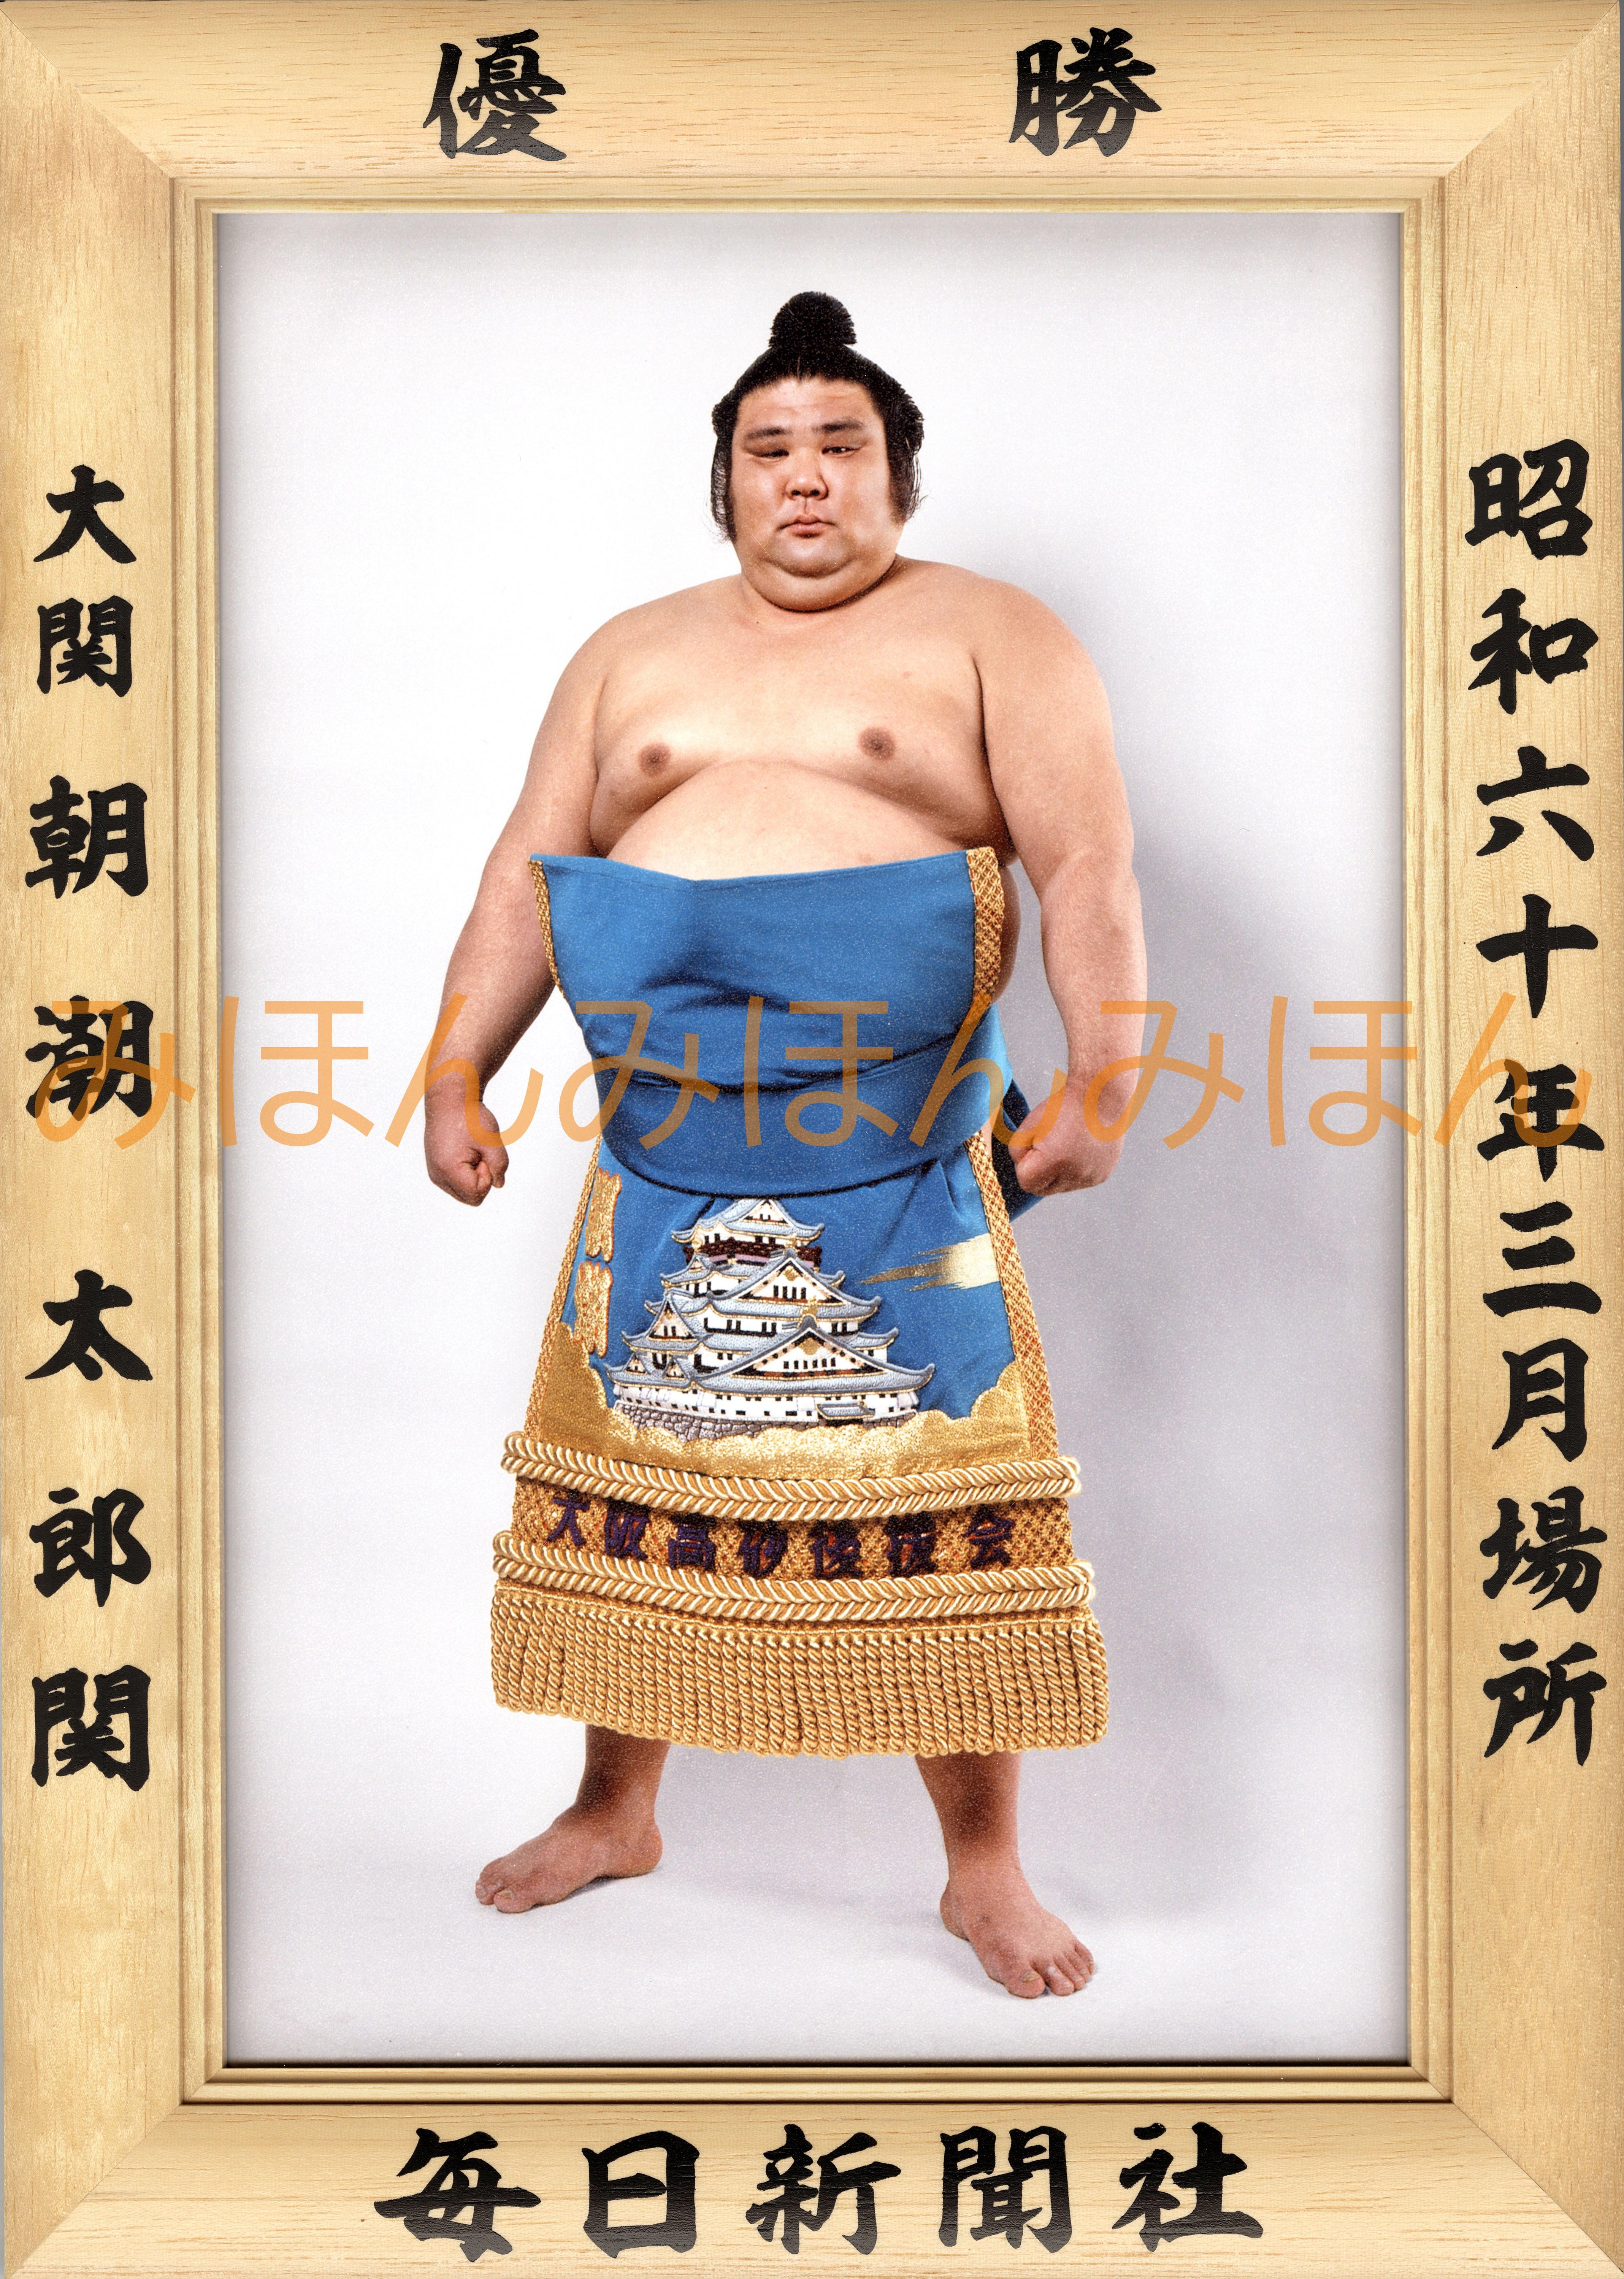 昭和60年3月場所優勝 大関 朝潮太郎関